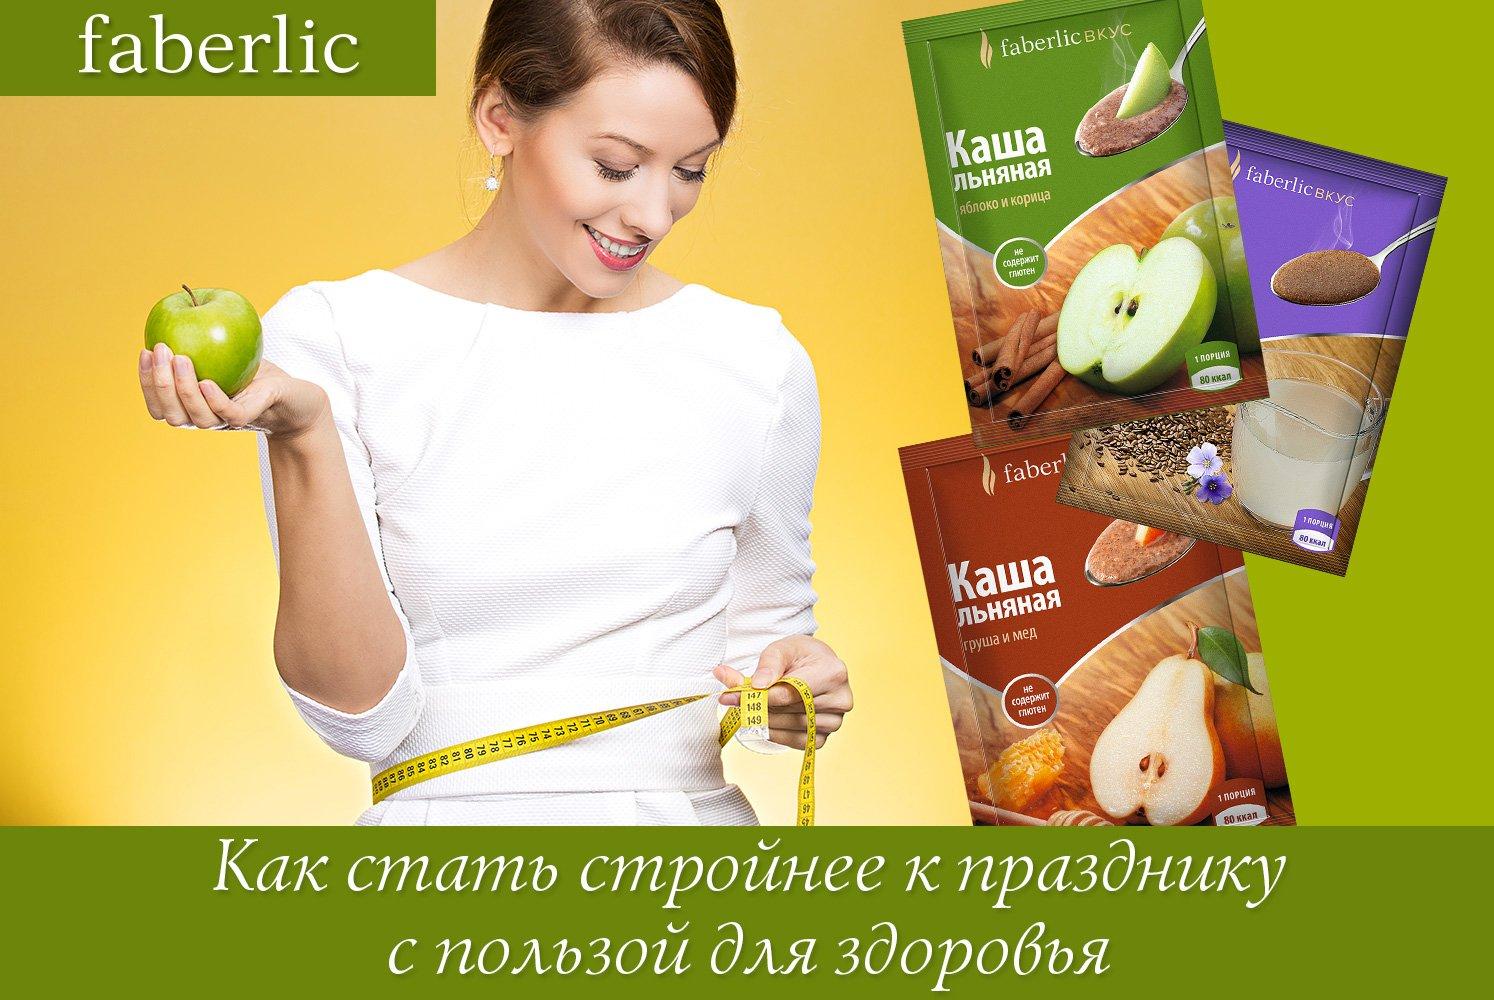 Фаберлик Биодобавки Для Похудения.